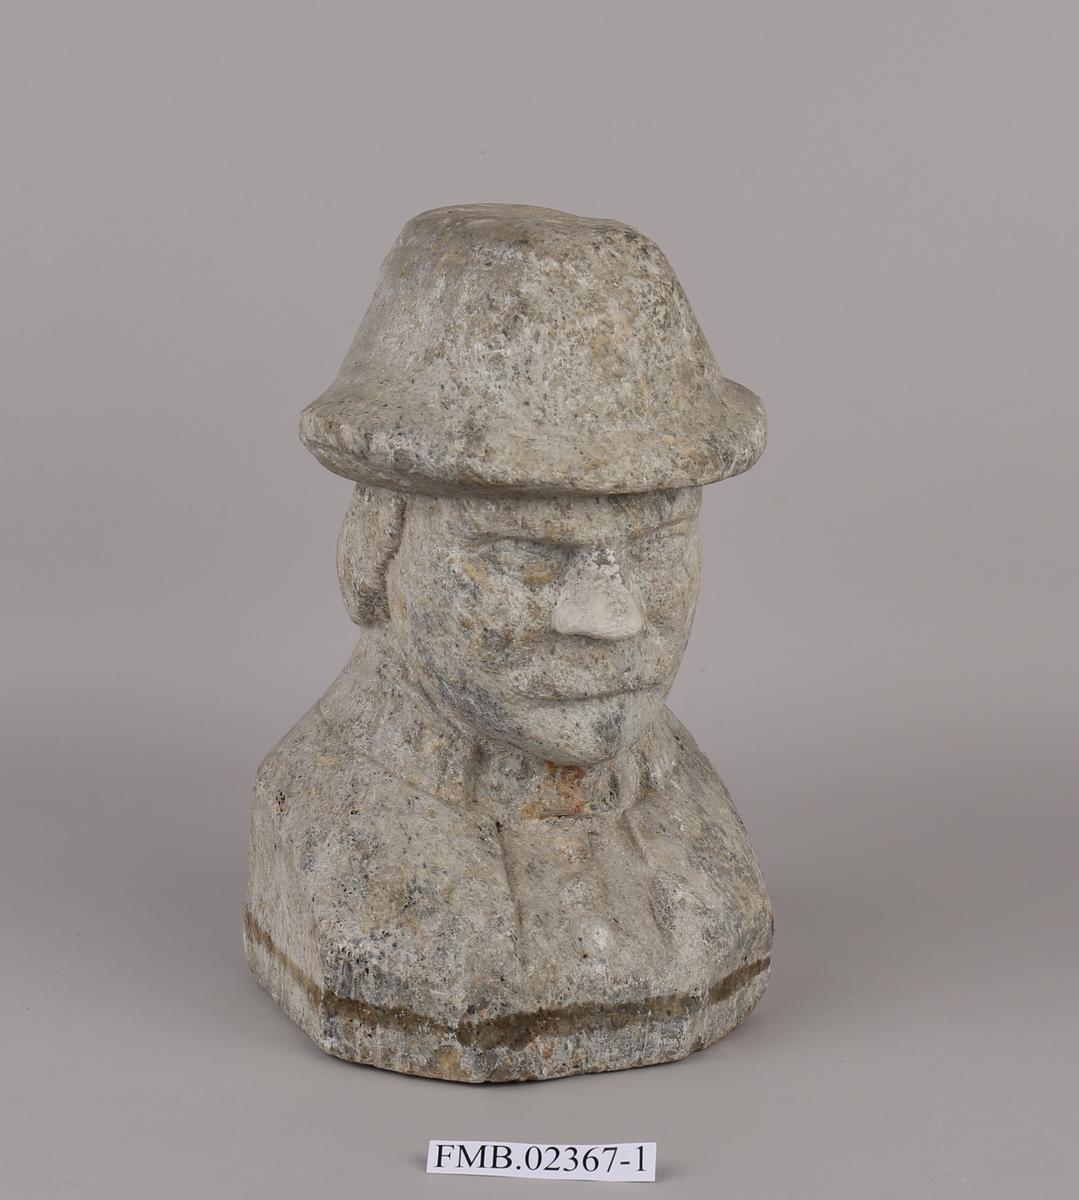 Hode og overkropp til mannsperson med hatt på hodet. Skal forestille Petter Dass.